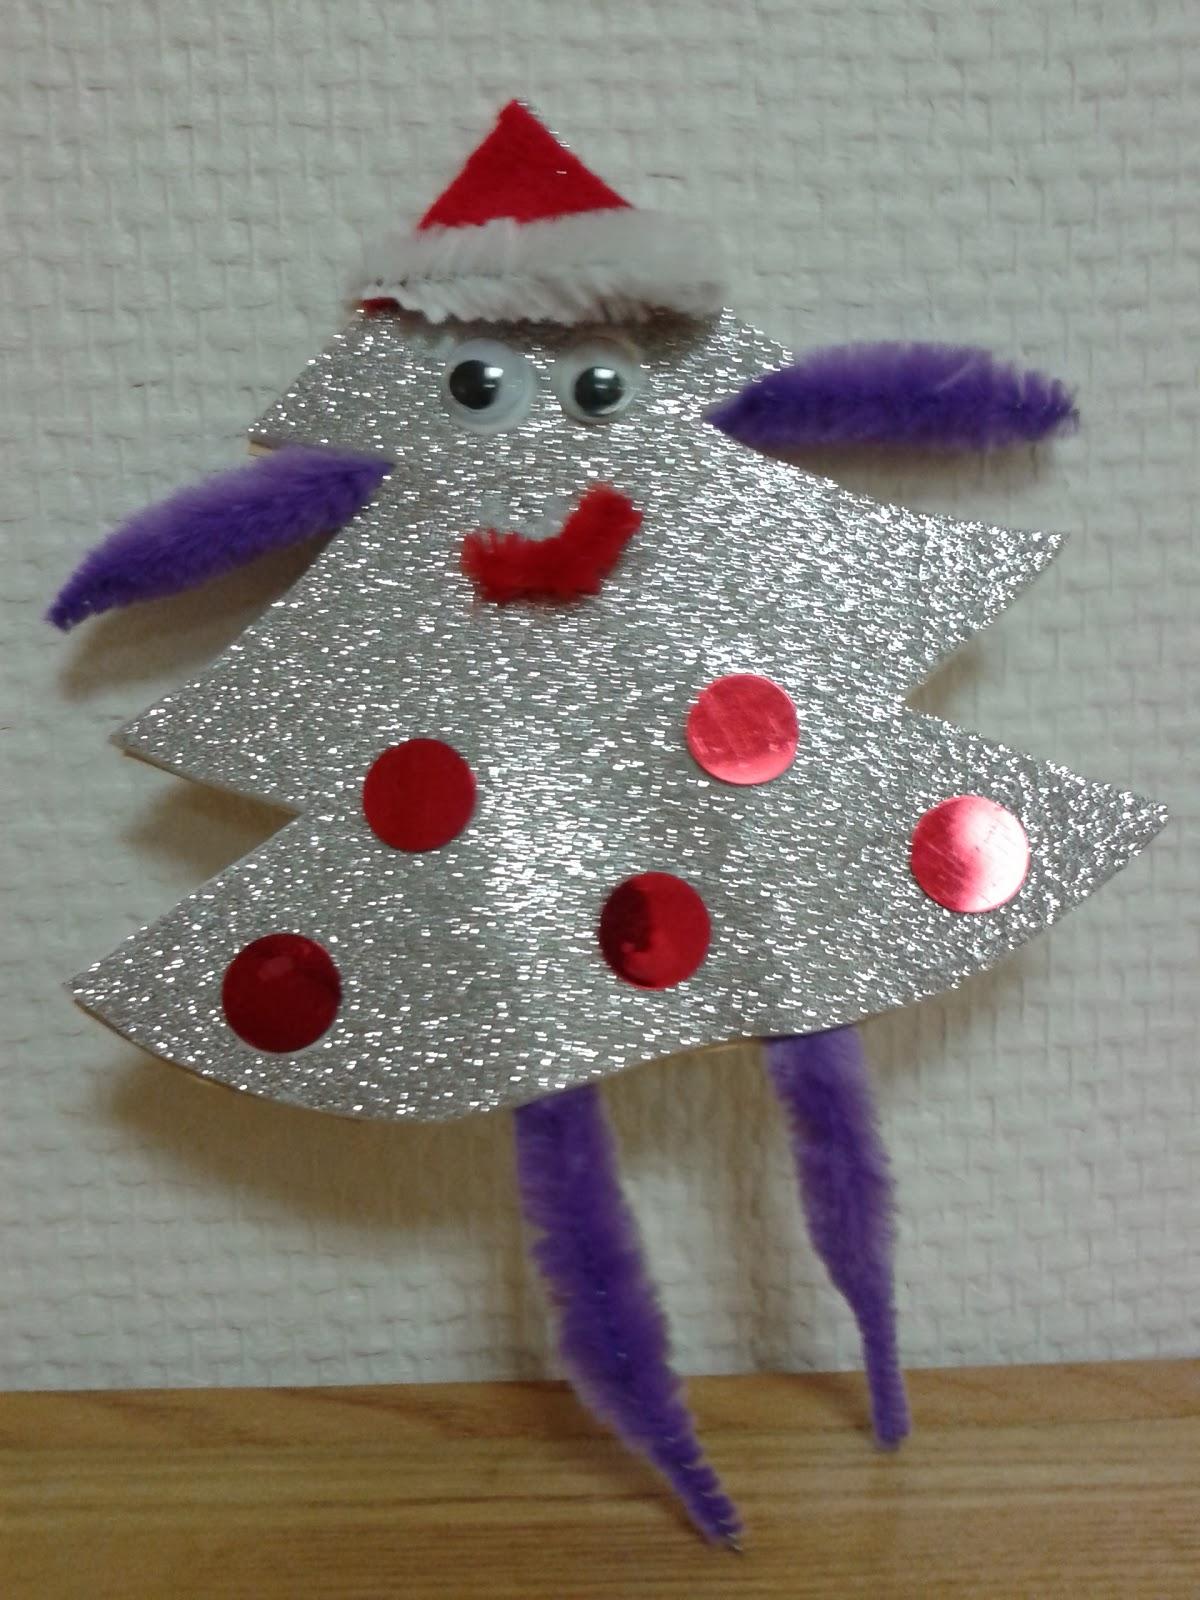 Activité Manuelle Noël dedans activités manuelles : les bonhommes sapins de noël